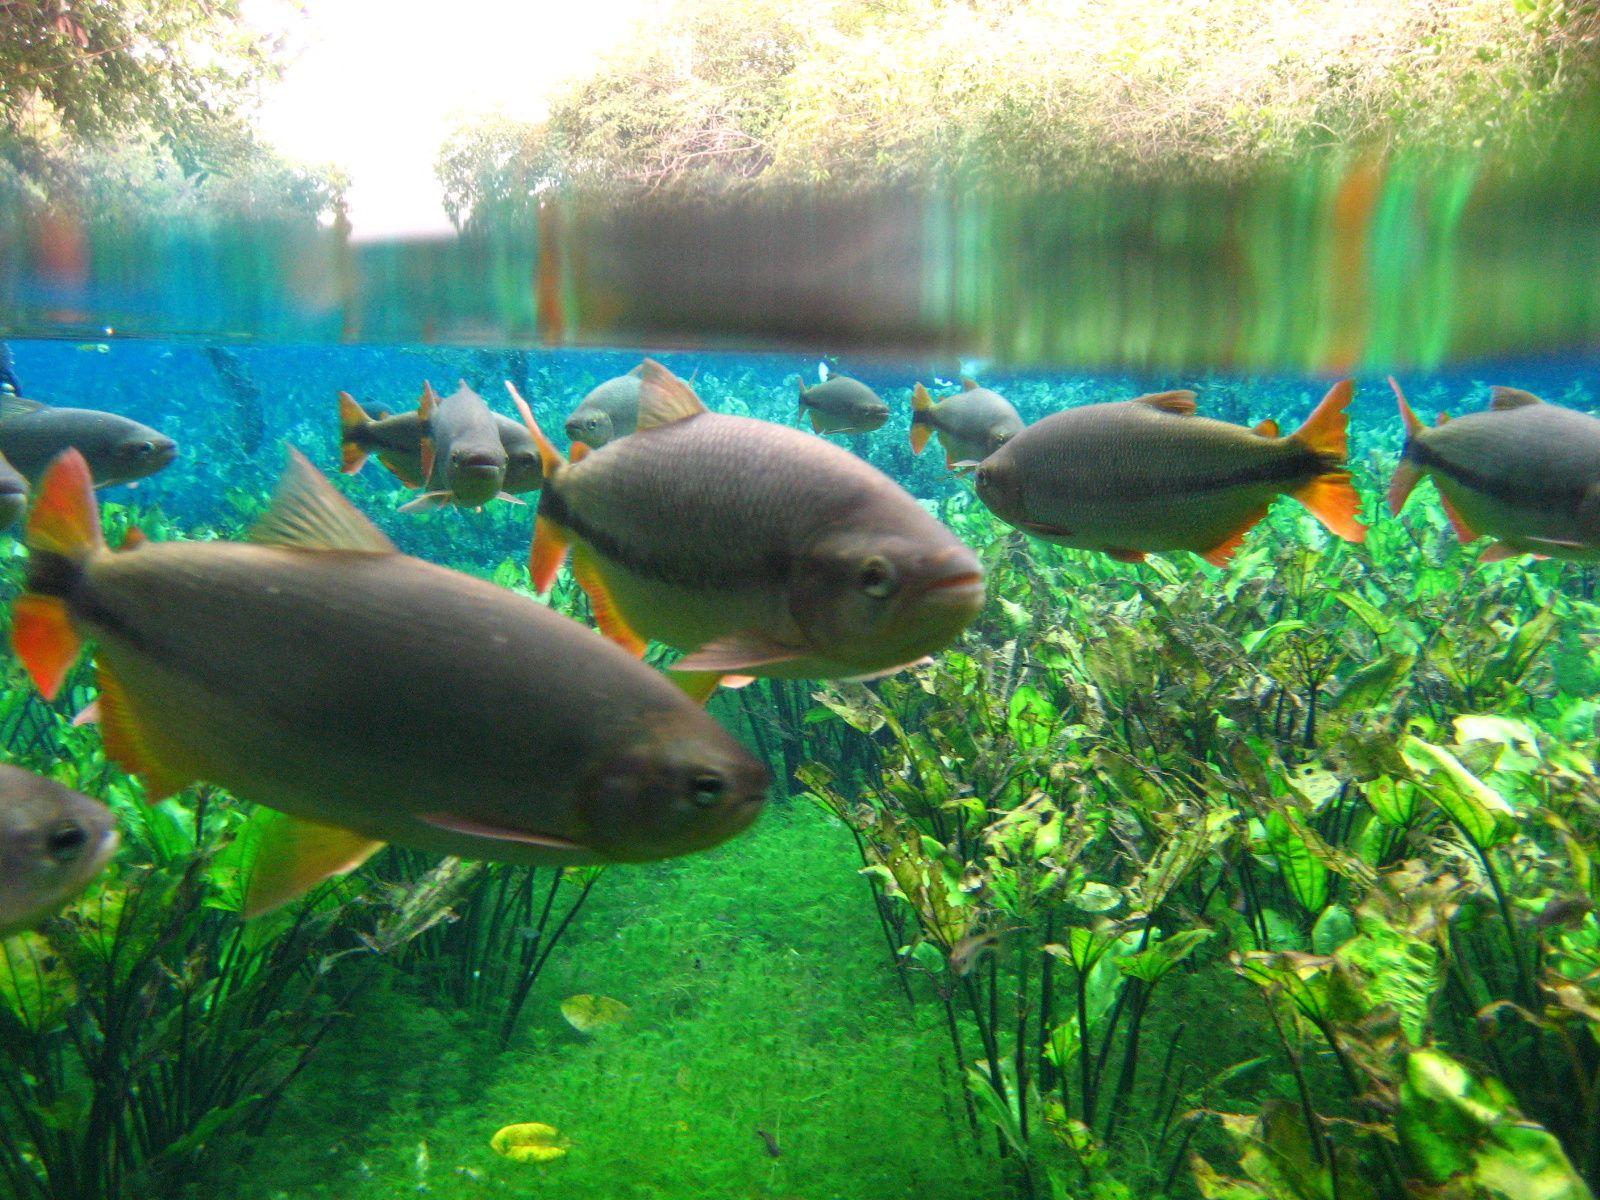 AQUÁRIO NATURAL:  Après une promenade en nature, on arrive au point où naît le Rio Baia Bonita où vous verrez les merveilles de la faune et de la flore sub-aquatique.Dans ces eaux cristallines, vous flotterez avec pour compagnie une grande variété de poissons et plantes aquatiques. Et pour compléter l'émotion, vous jouerez sur un super aqua-jump (lit élastique pose sur la rivière) est une amusante tyrolienne sur la rivière. Distance depuis le centre-ville: 07 km Durée: demi-journée Ce qu'il vous faut apporter : vêtements de rechange, maillot de bain, serviette, tongs, écran solaire et anti-moustique